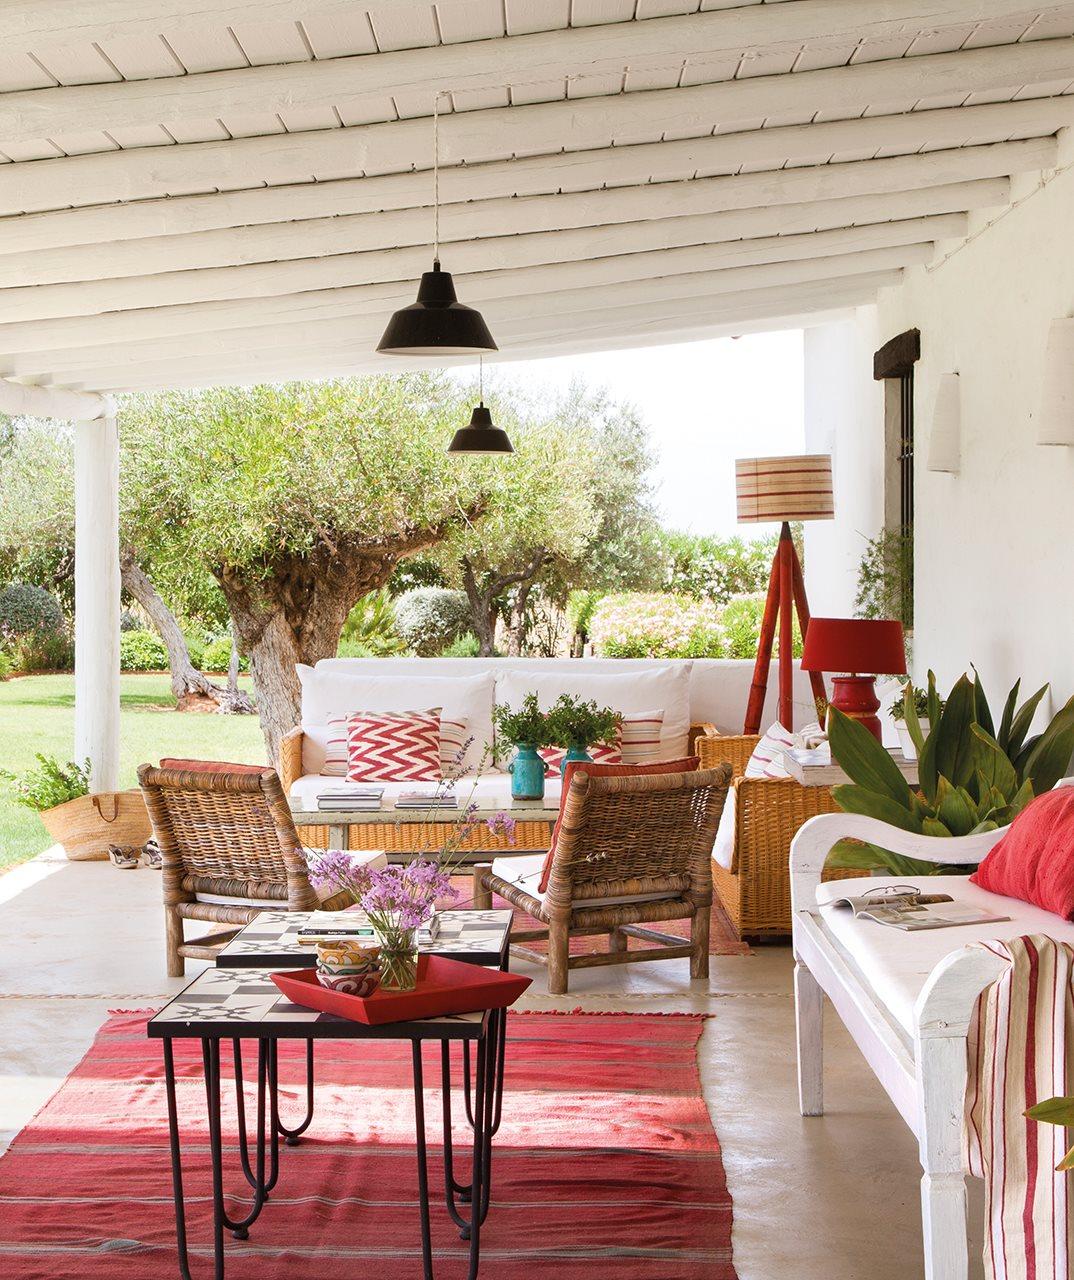 12 6 - Toque de encanto y color en Carmona (Sevilla): una casa entre olivos para alargar el verano